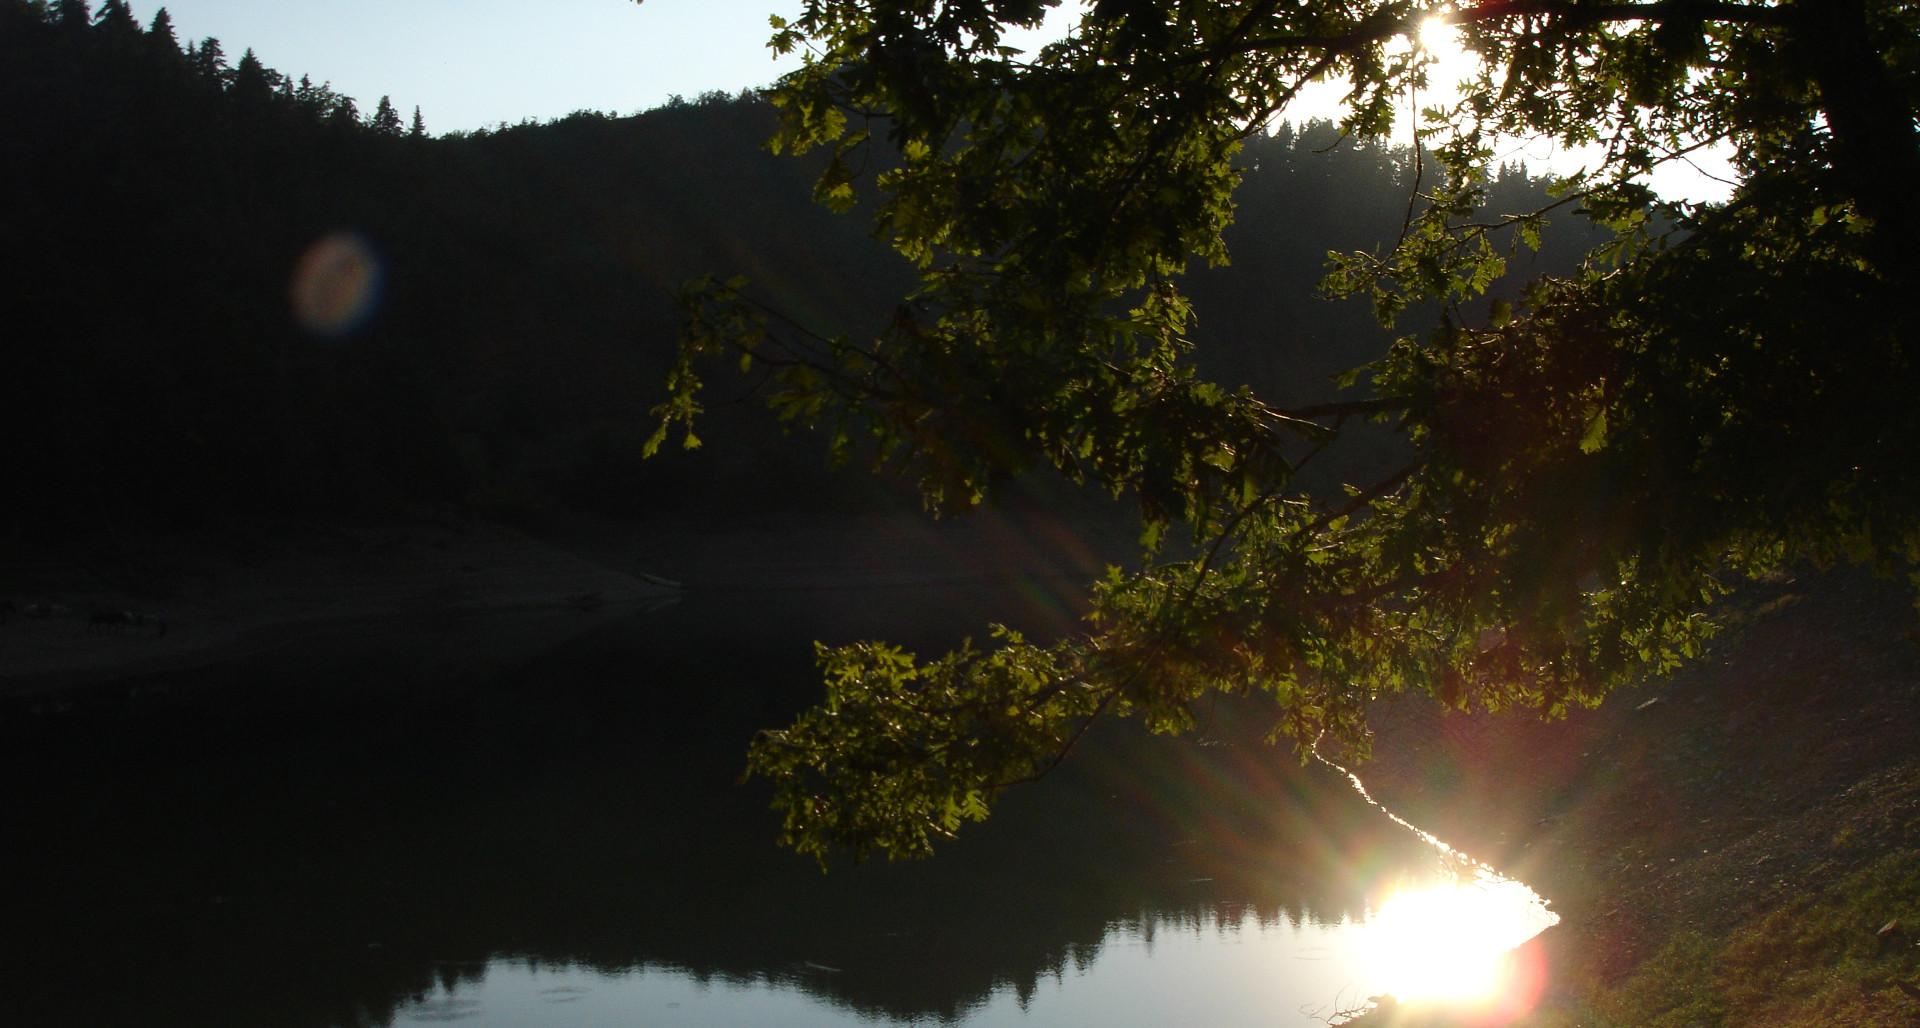 Καστανιά Καρδίτσας - Άγραφα - Λίμνη Πλαστήρα - Νομός Καρδίτσας